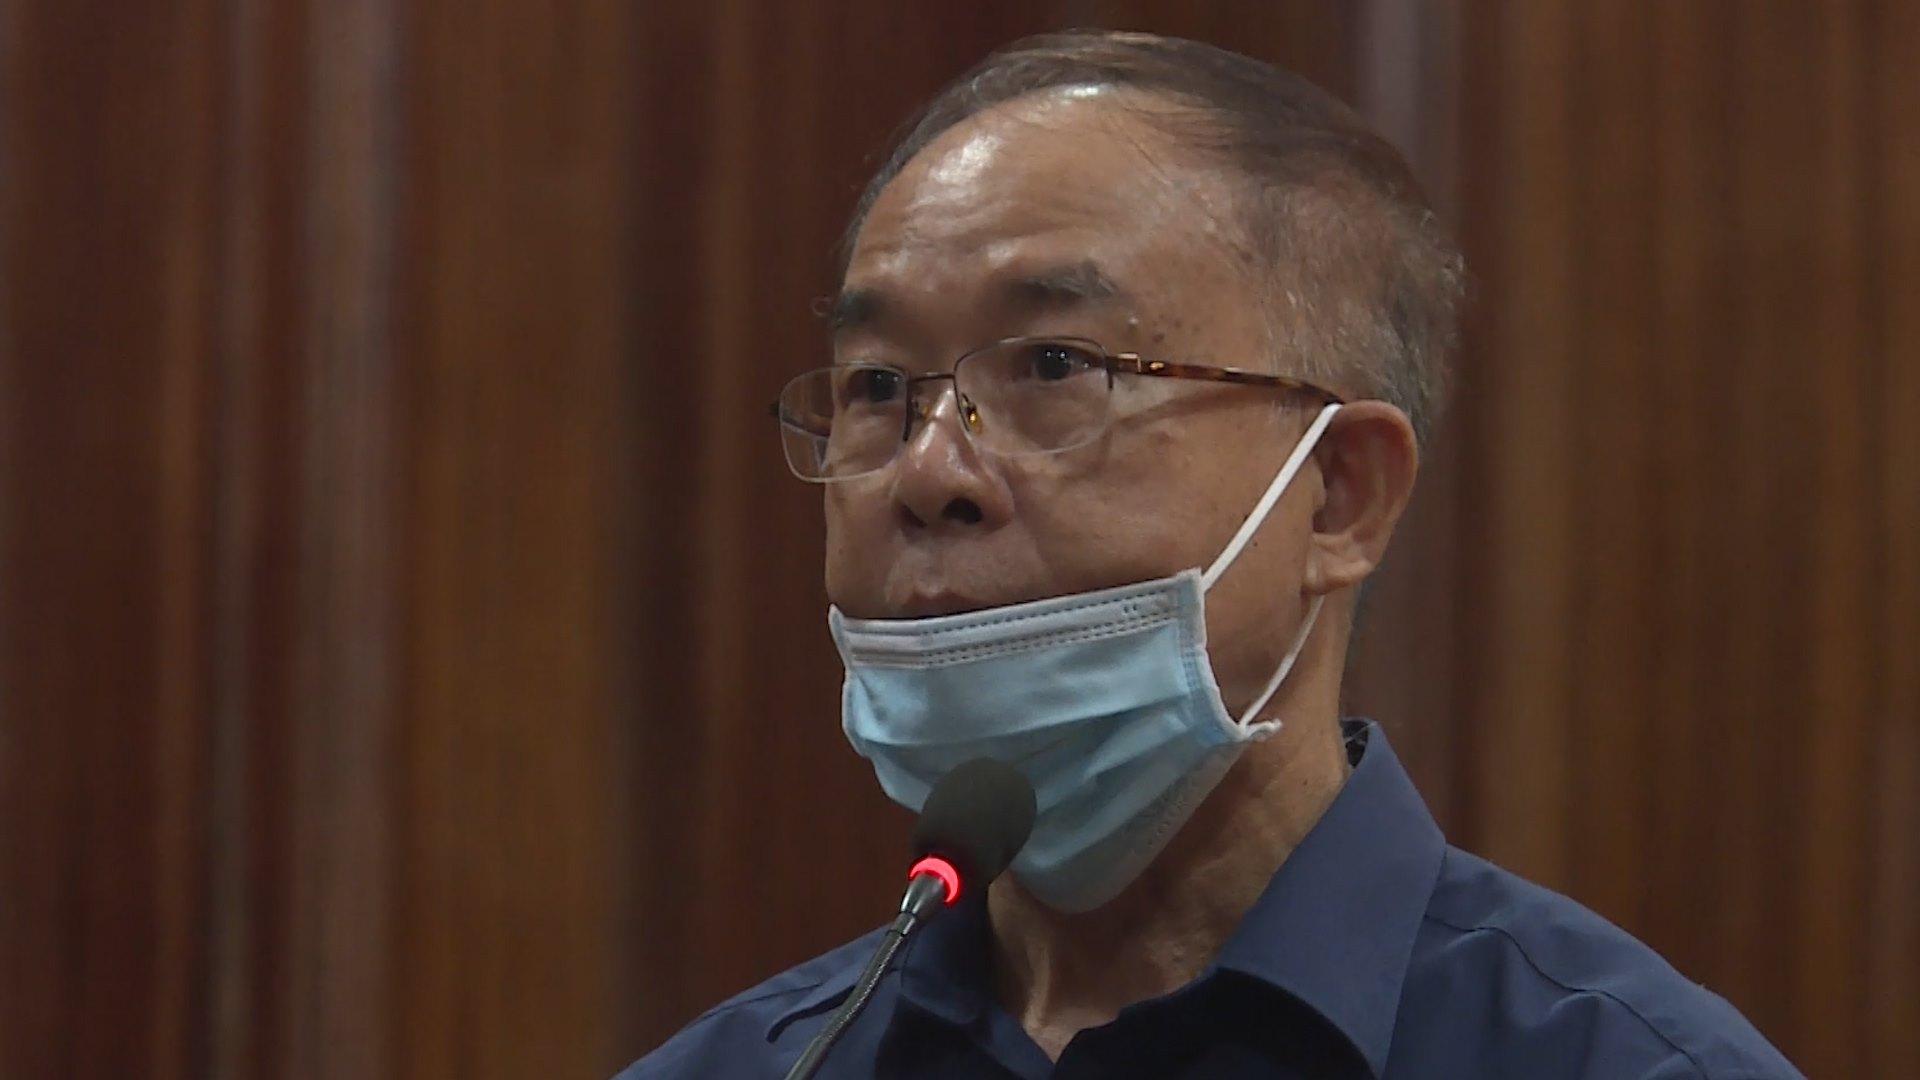 Cực Phó chủ tịch UBND TP HCM Nguyễn Thành Tài cùng đồng phạm hầu toà